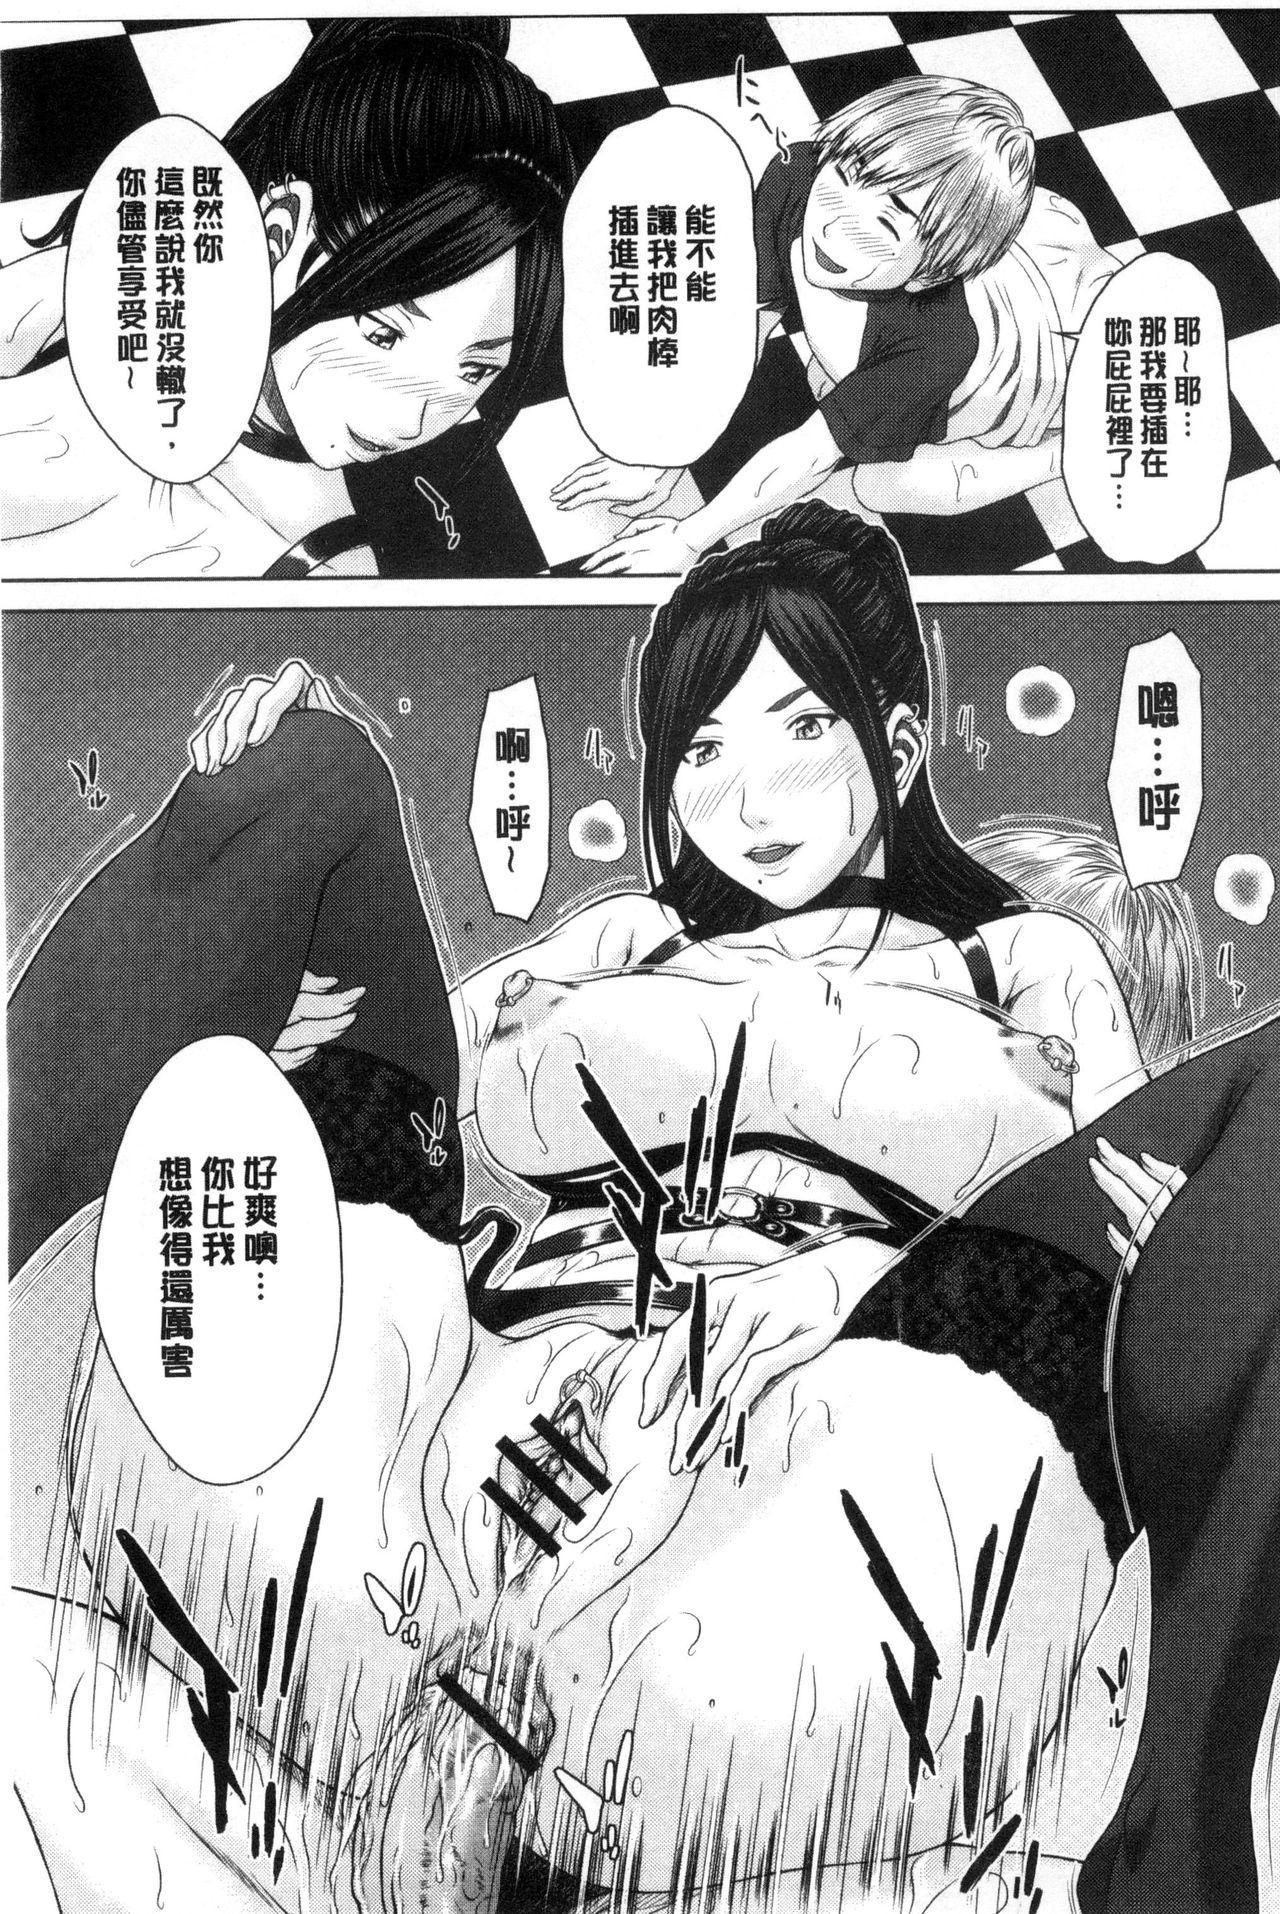 Mesukano Inbina Mesu Kanojotachi To No Hibi 175